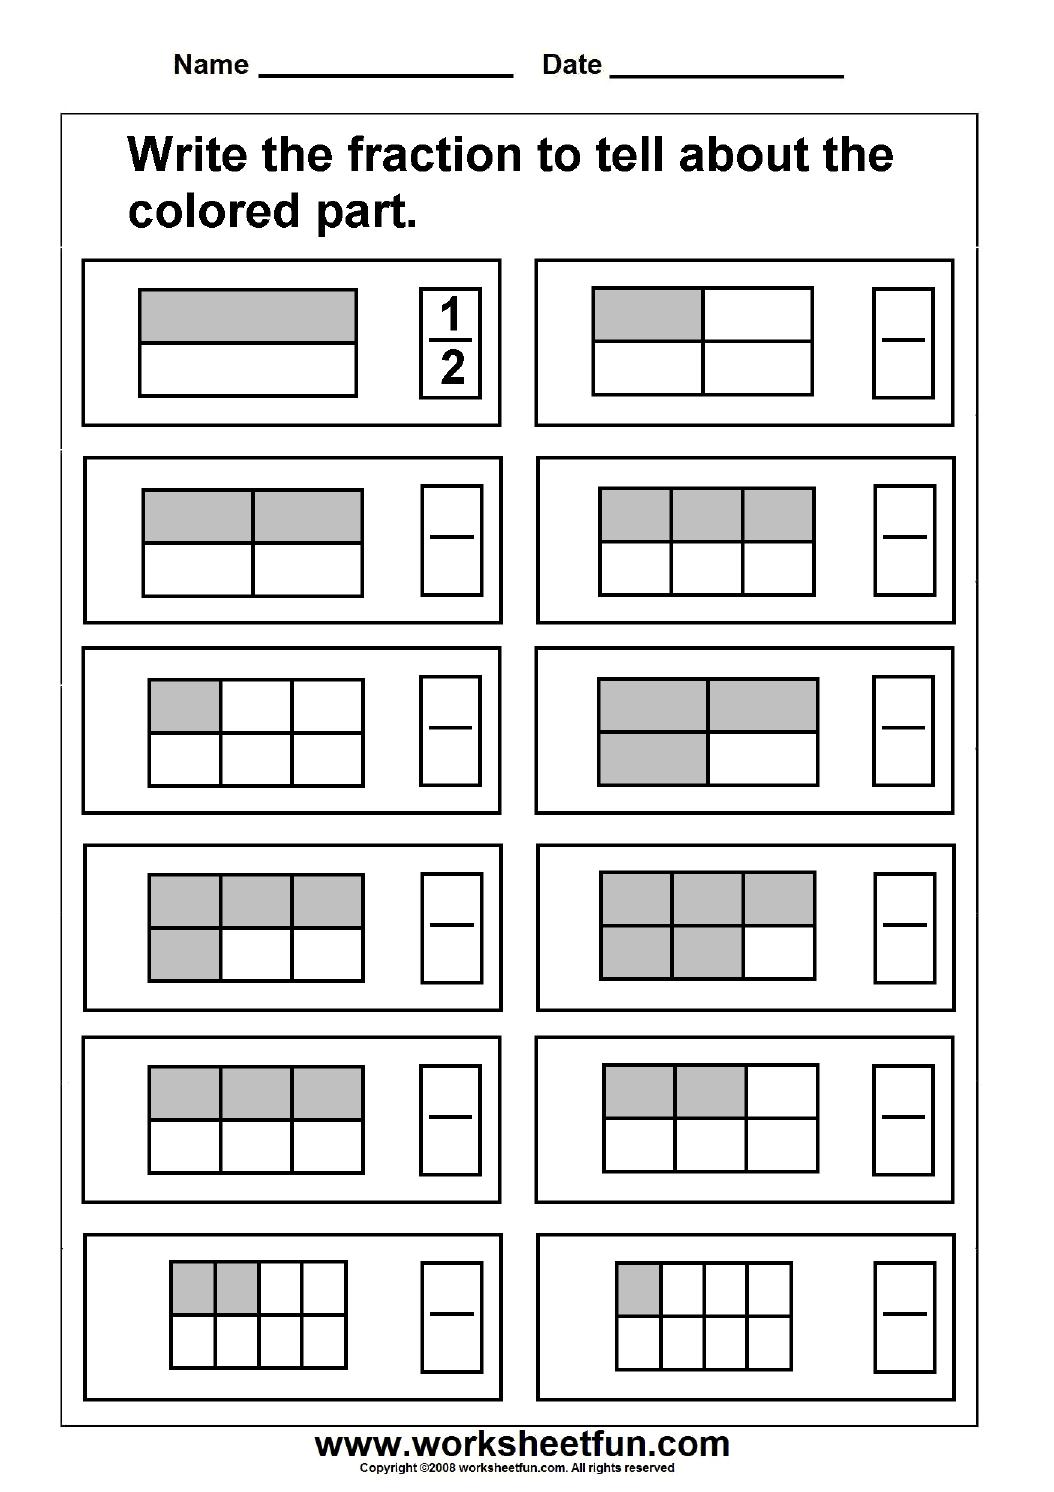 Fraction Worksheets For Grade 3 Site:pinterest.com To You. Fraction  Worksheets for Grade 3 - 3rd G…   Fractions worksheets [ 1492 x 1054 Pixel ]